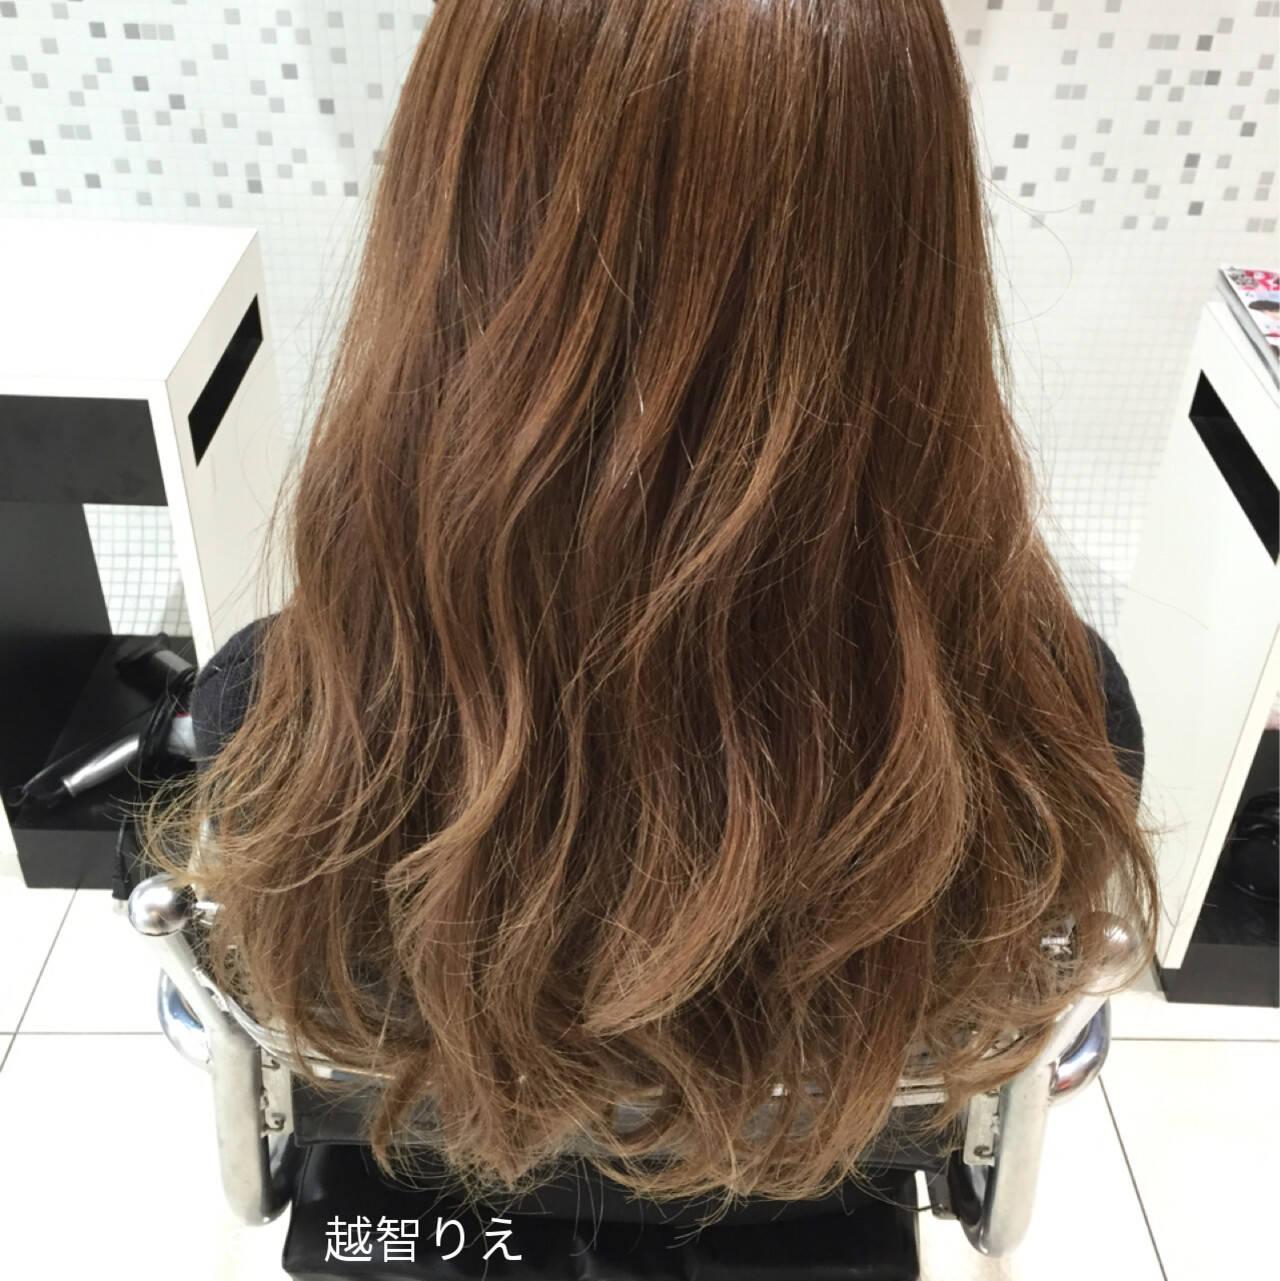 外国人風 アッシュ ブラウン ナチュラルヘアスタイルや髪型の写真・画像